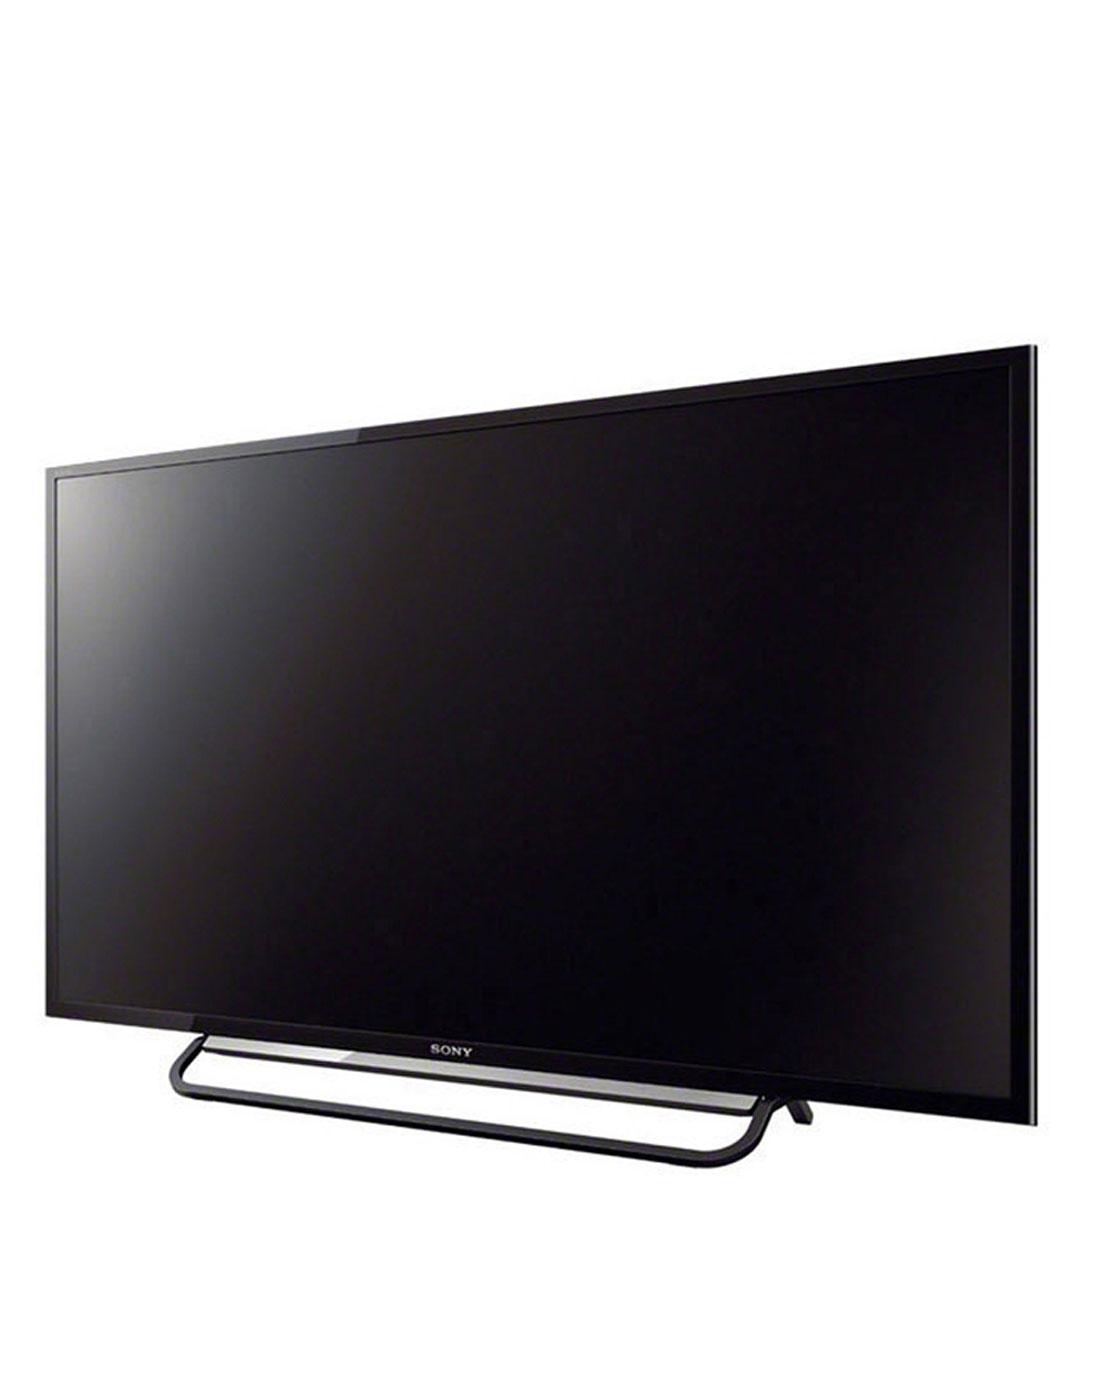 > (不上线)40英寸液晶电视